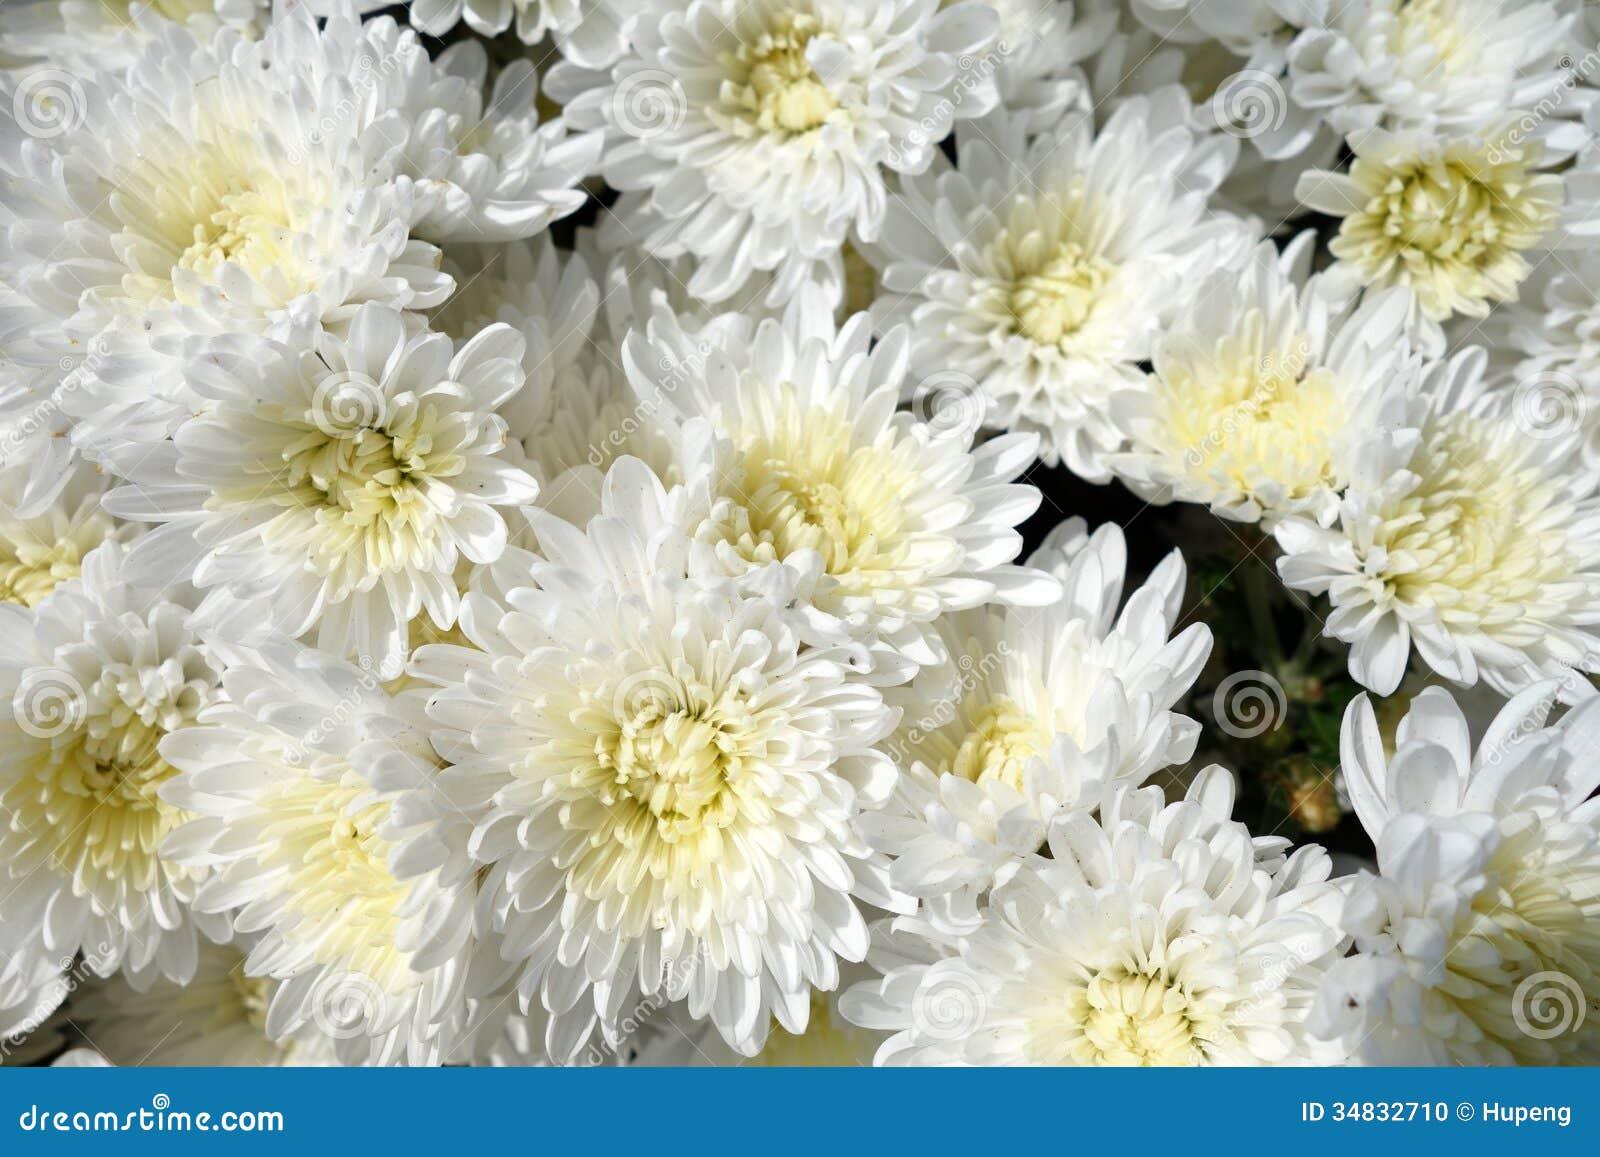 White Chrysanthemum Flowers Stock Photo Image Of Daisies Beauty